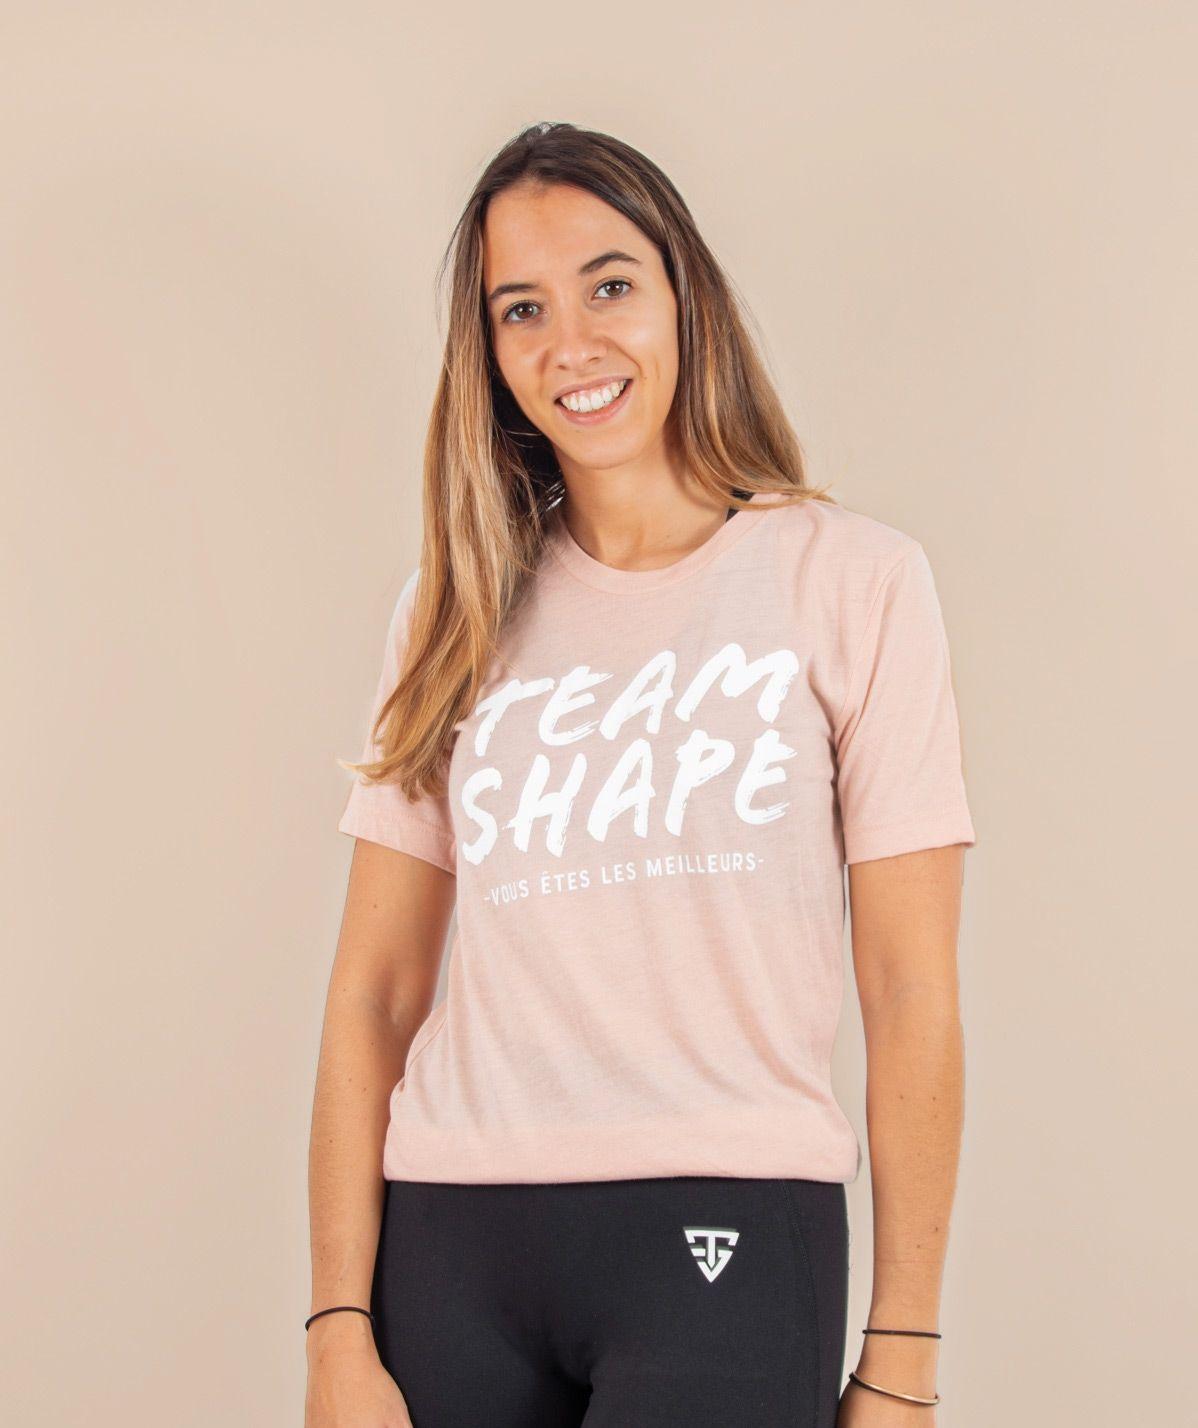 T-Shirt Rose vous êtes les meilleurs